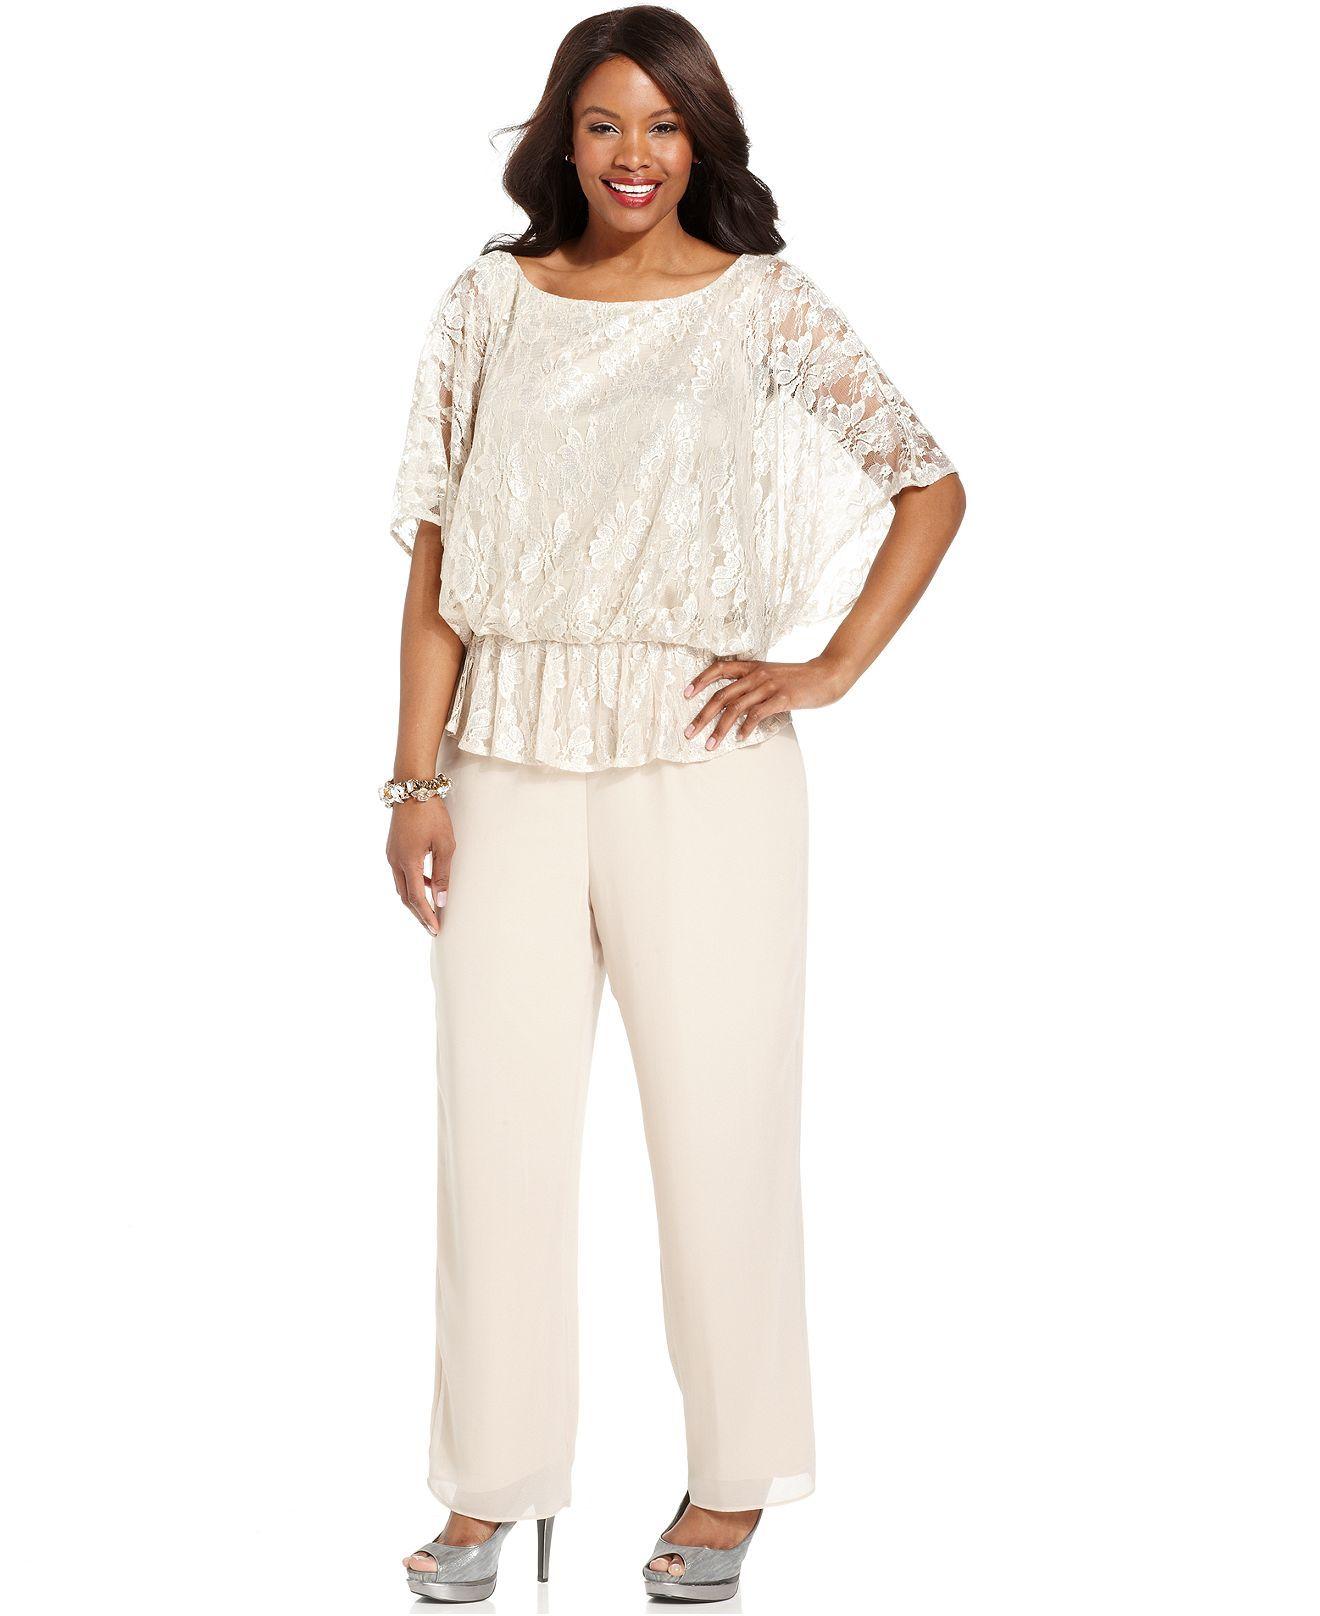 Le Bos Plus Size Outfit Short Sleeve Dolman Lace Top Dress Pants Dresses Sizes Macy S